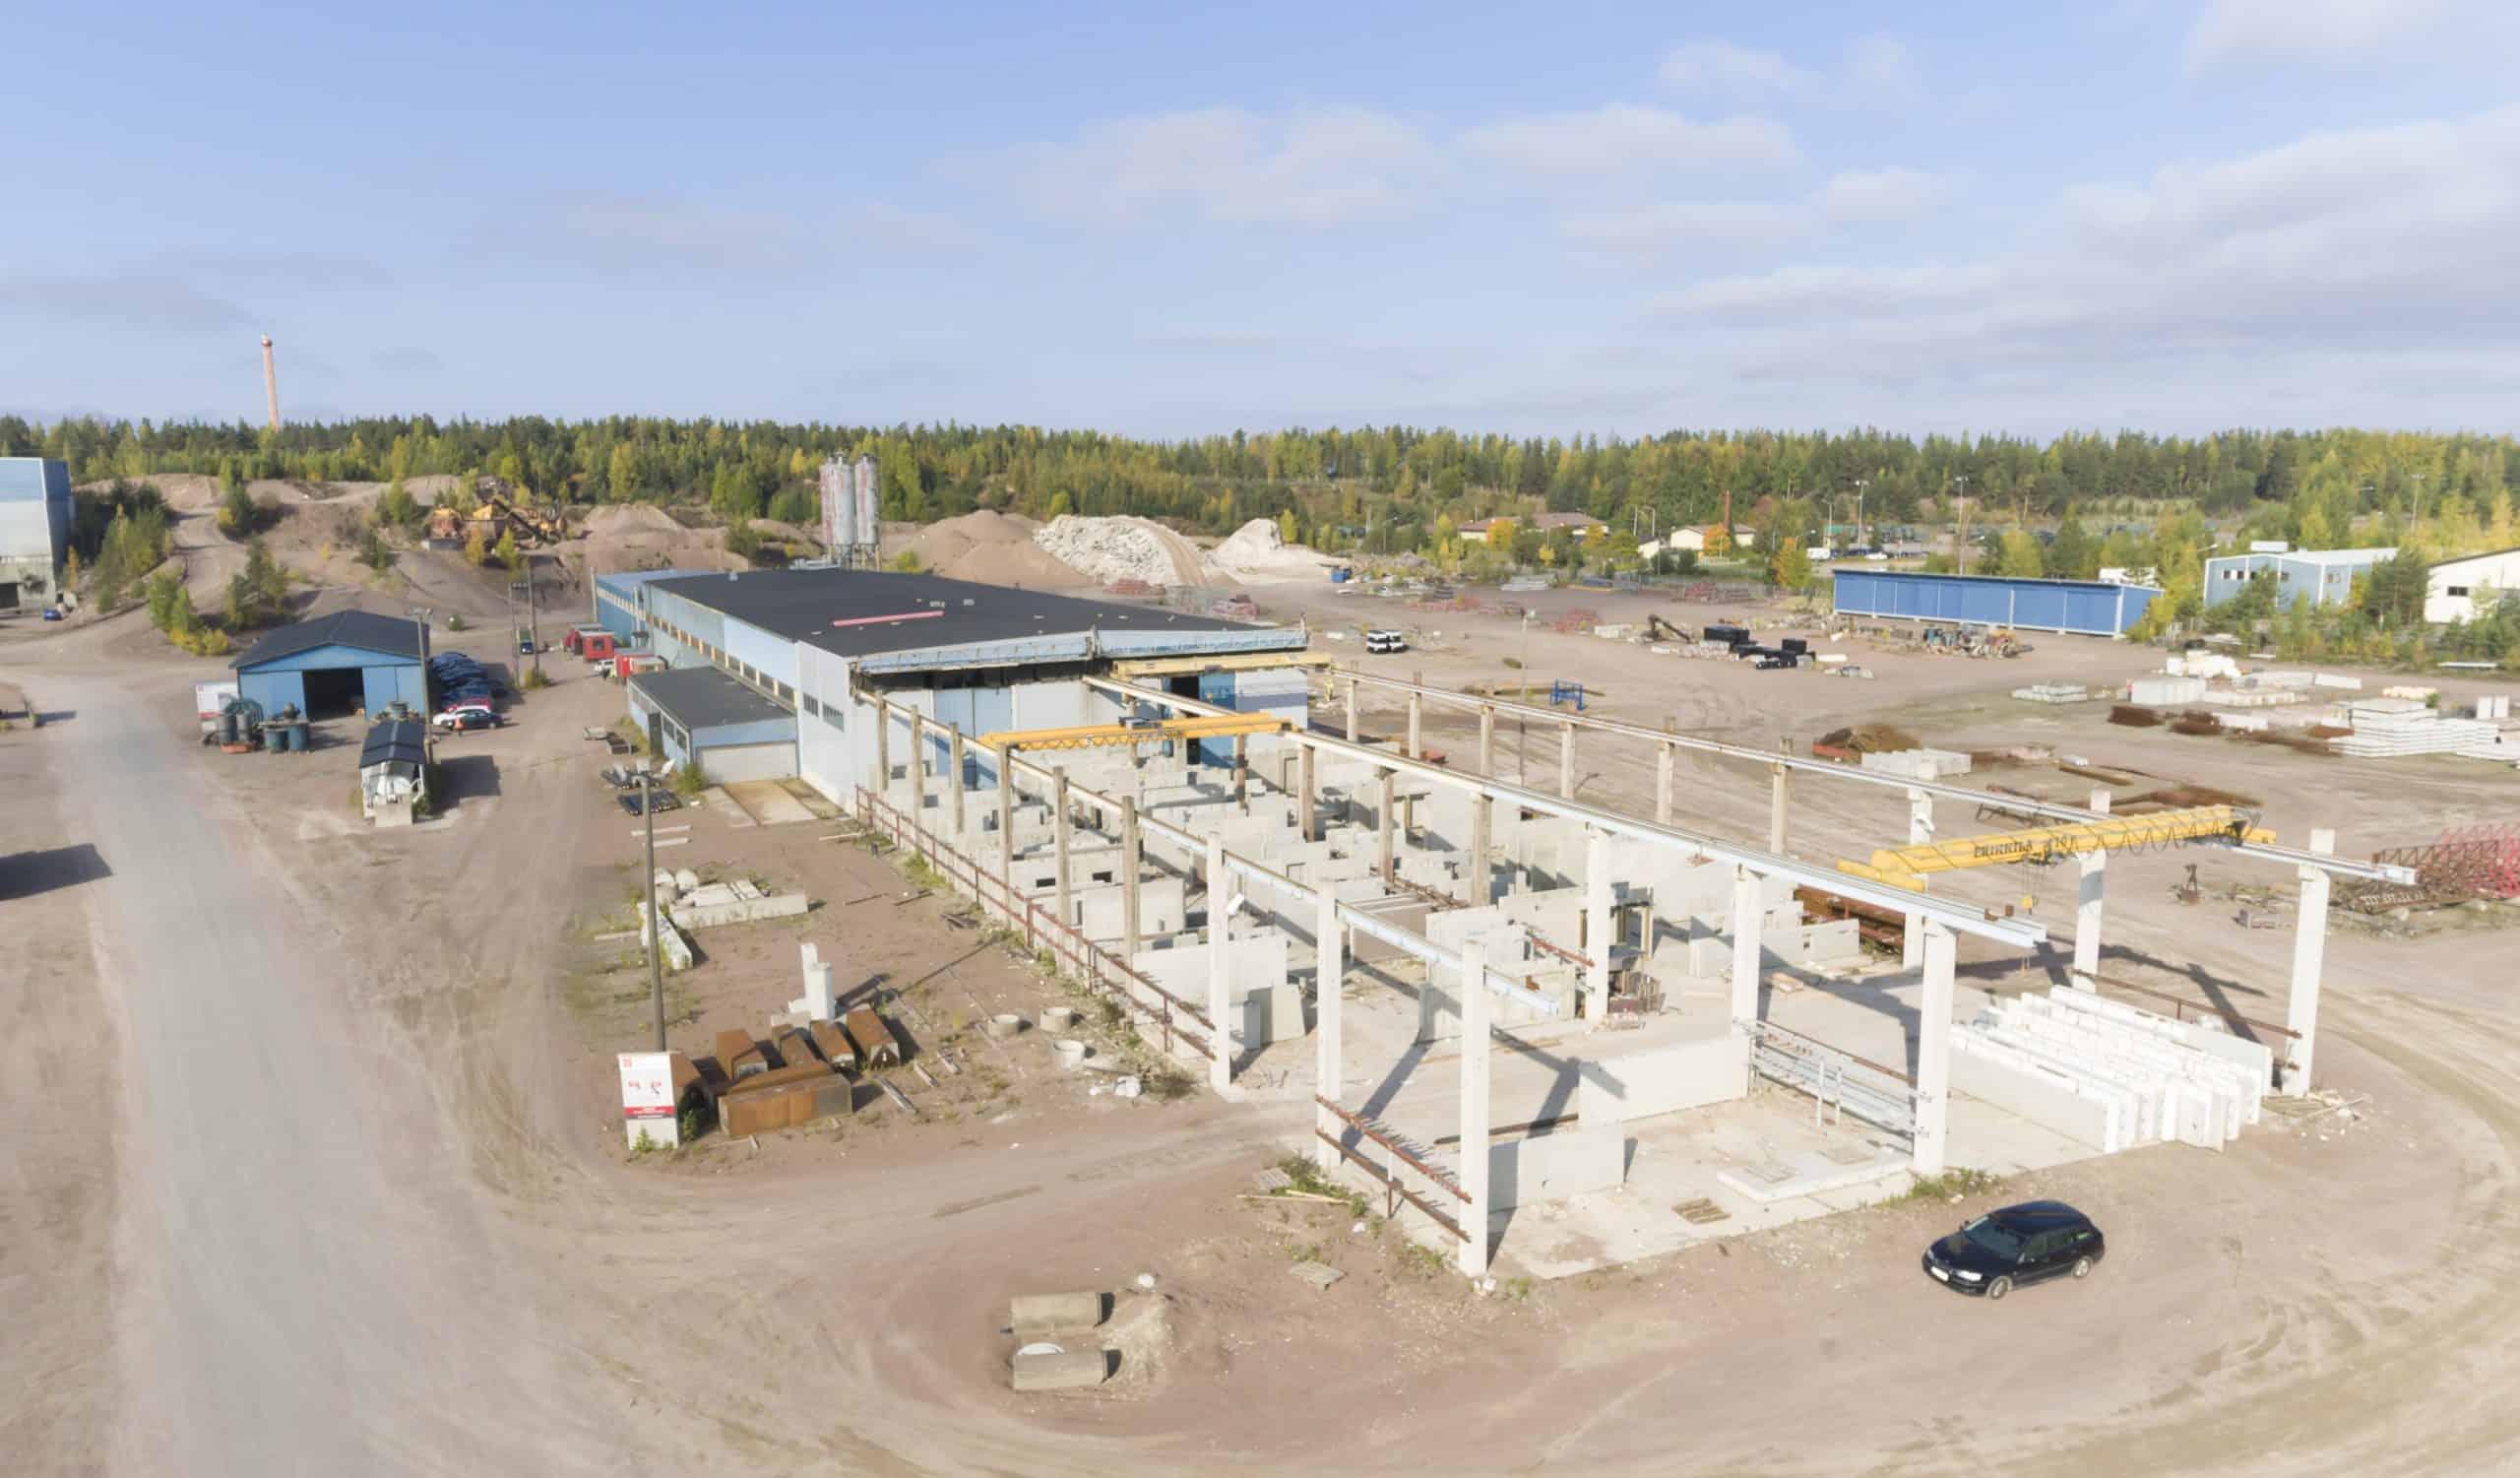 Kouvolan betoni, Finland